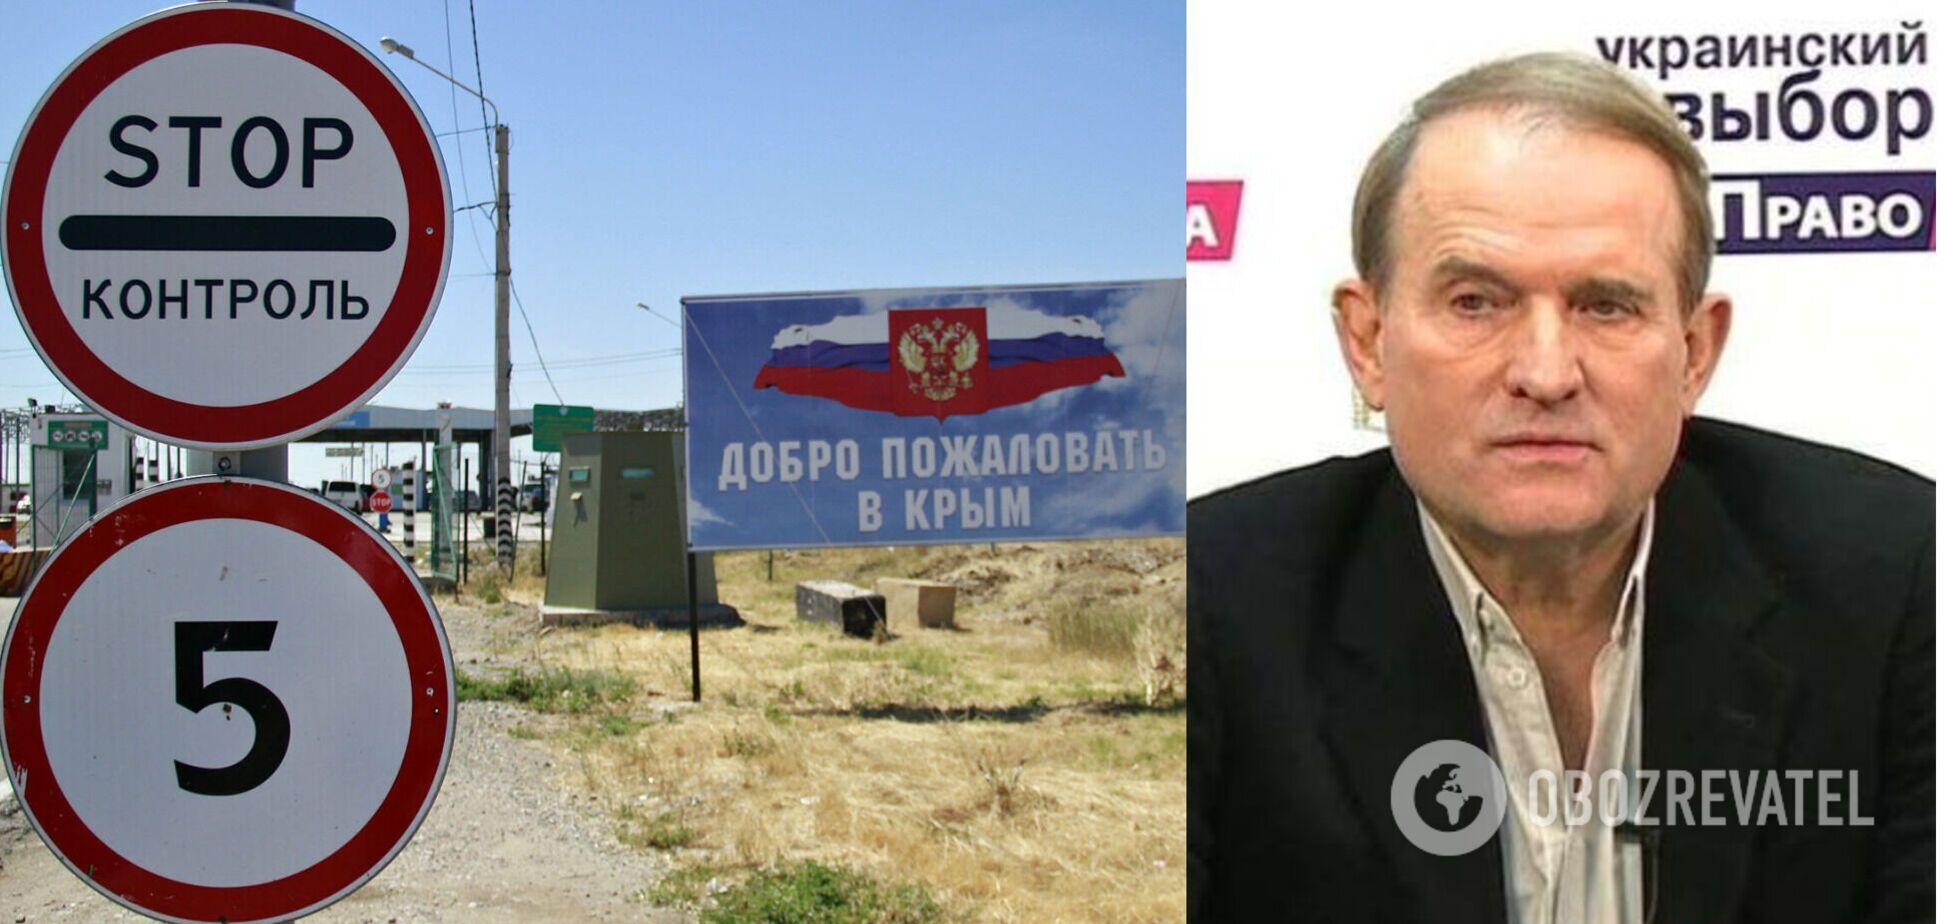 Руководителей 'Украинского выбора' подозревают в проведении 'референдума' в Крыму